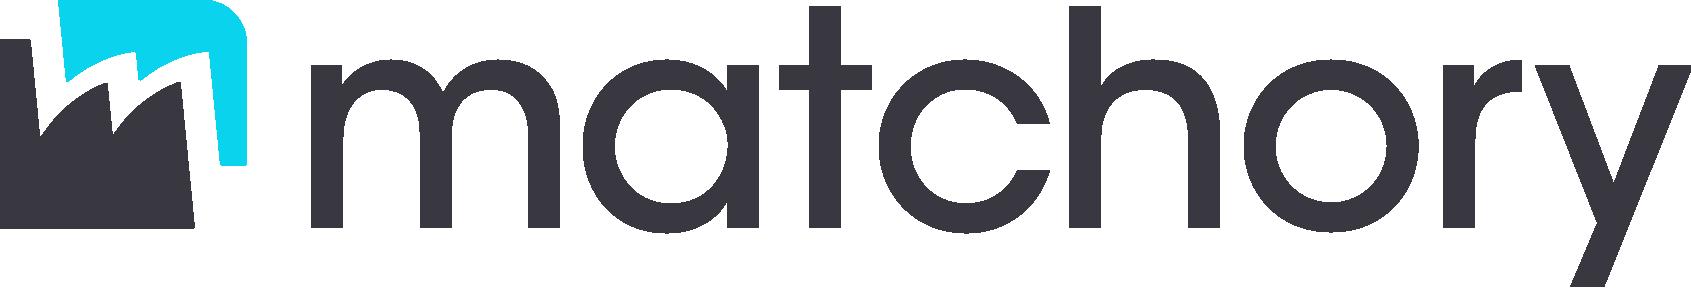 Matchory GmbH